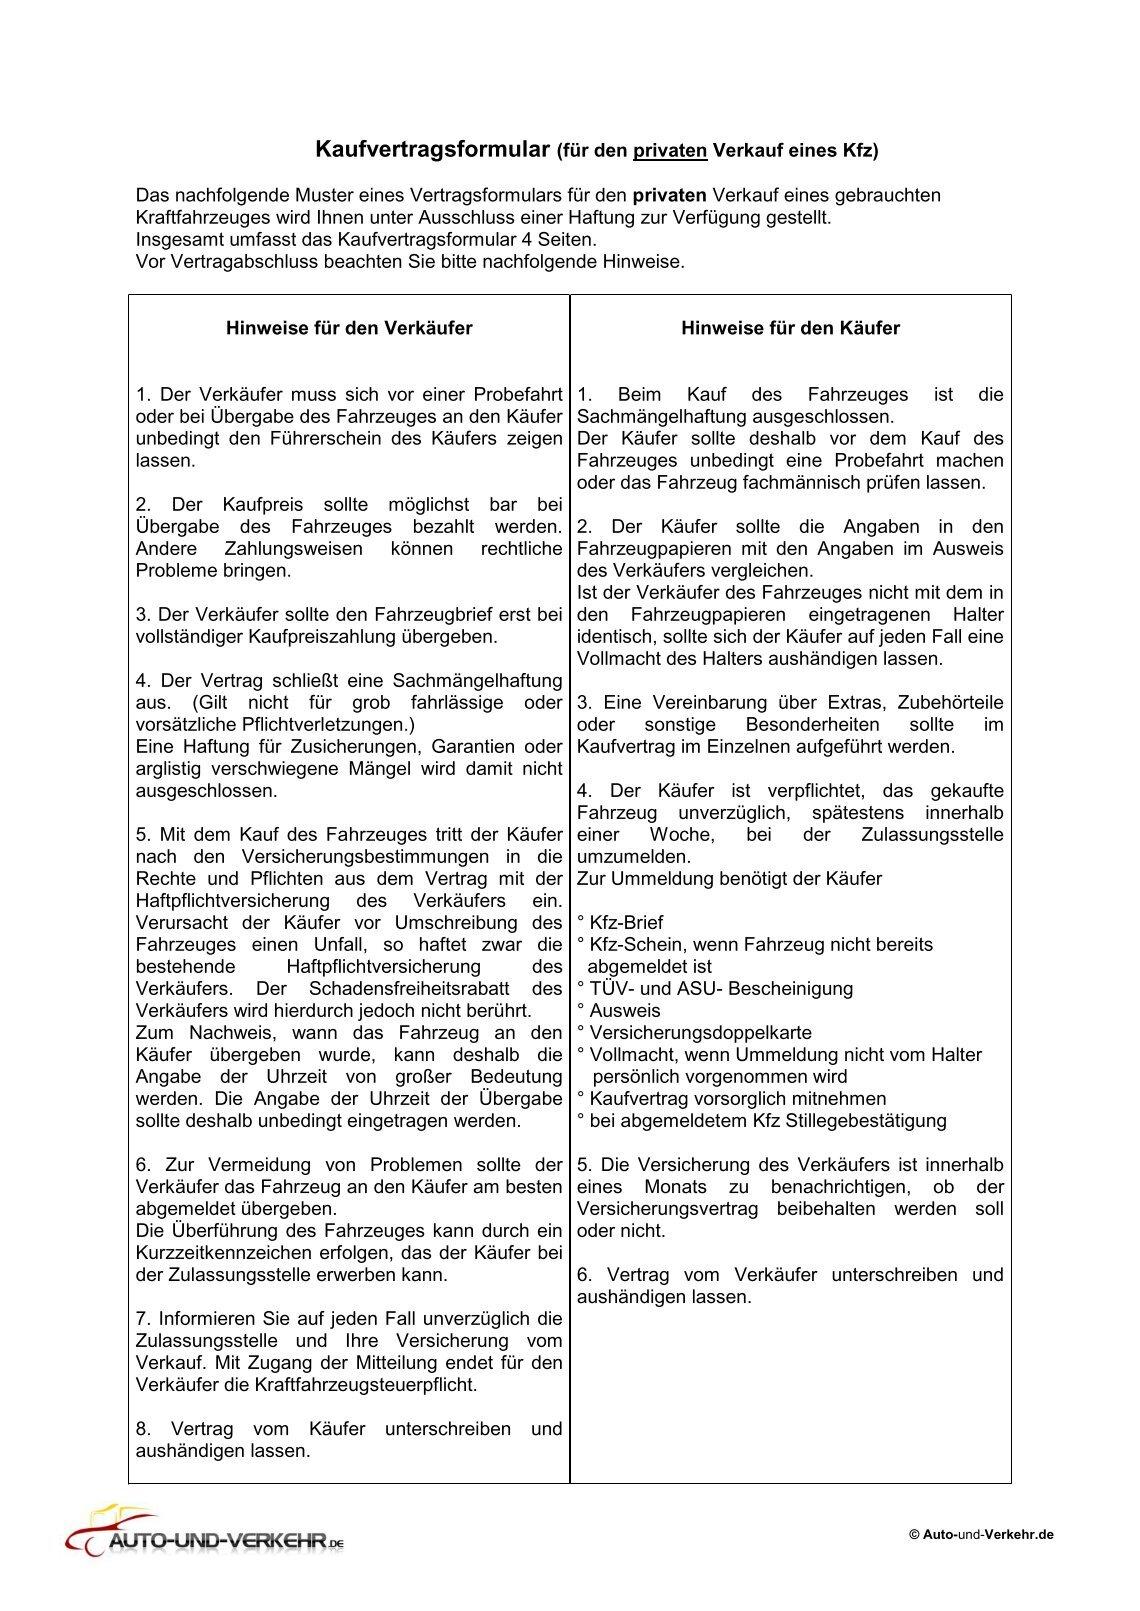 Kaufvertrag Handy Muster Kaufvertrag Kfz Kfz Kaufvertrag Kfz